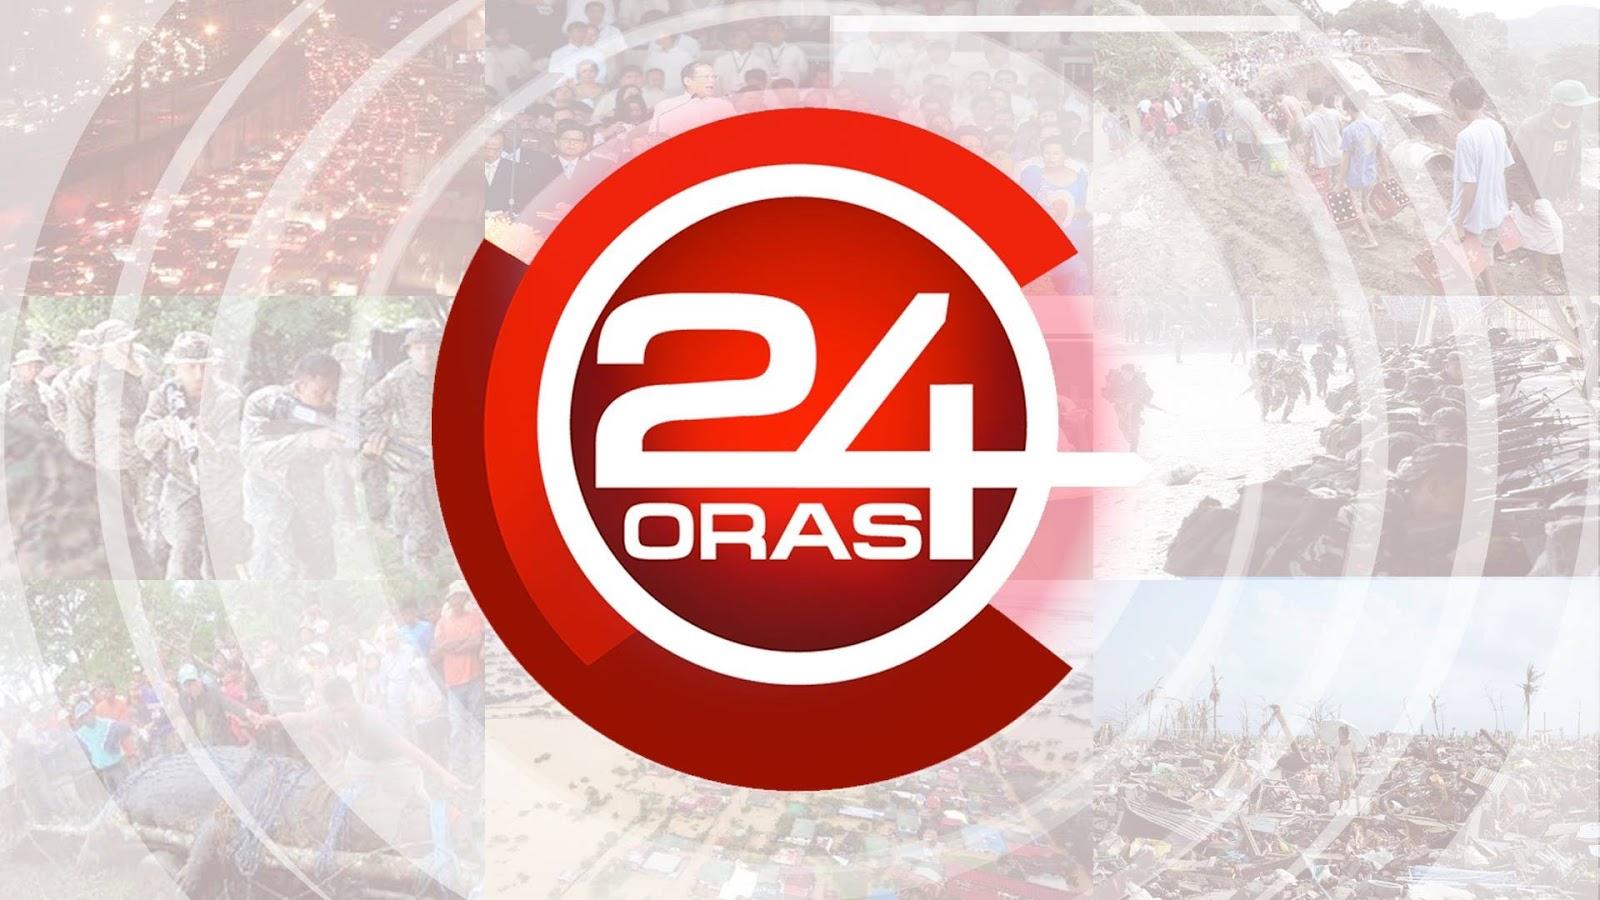 24 Oras January 31 2017